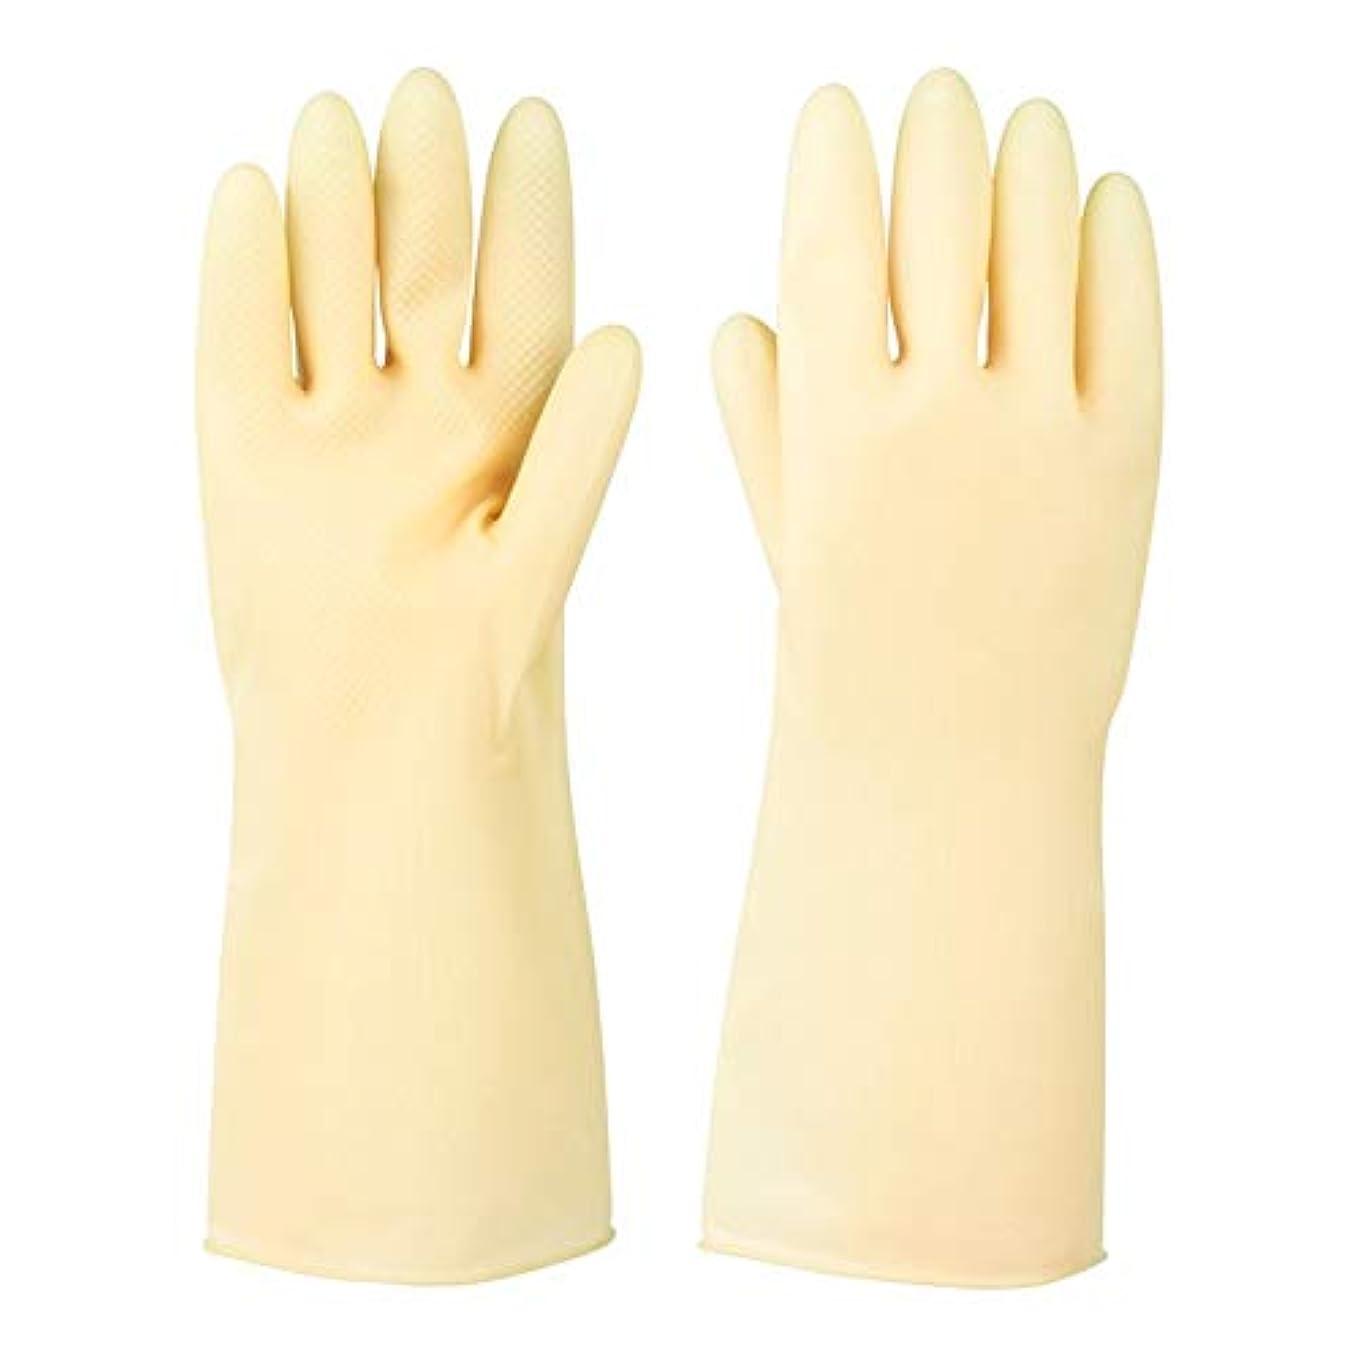 体操選手投げるプールニトリルゴム手袋 ラバーレザーグローブ厚めの滑り止め耐摩耗性防水保護手袋、5ペア 使い捨て手袋 (Color : 5 pair, Size : S)